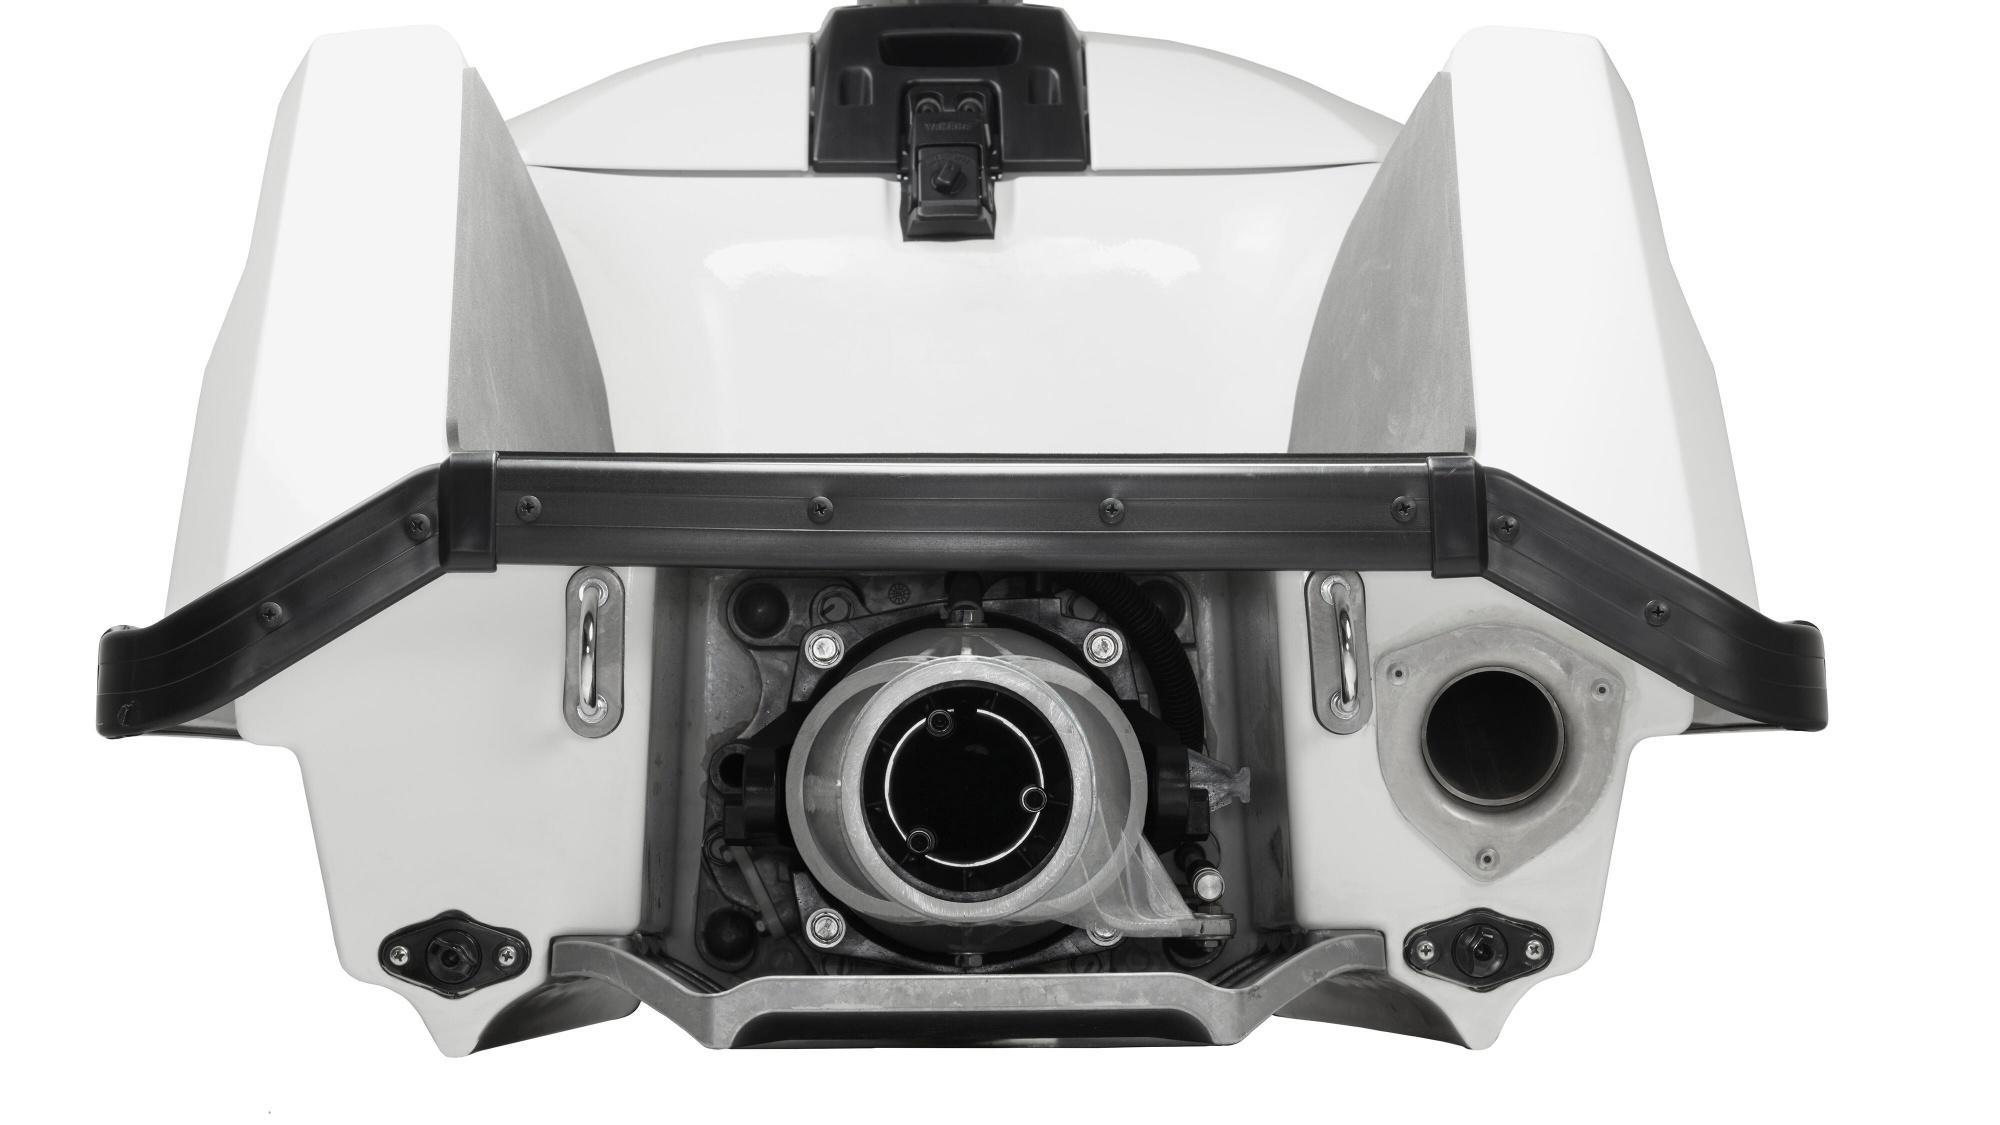 Yamaha superjet - 2021_Superjet_Detail_03